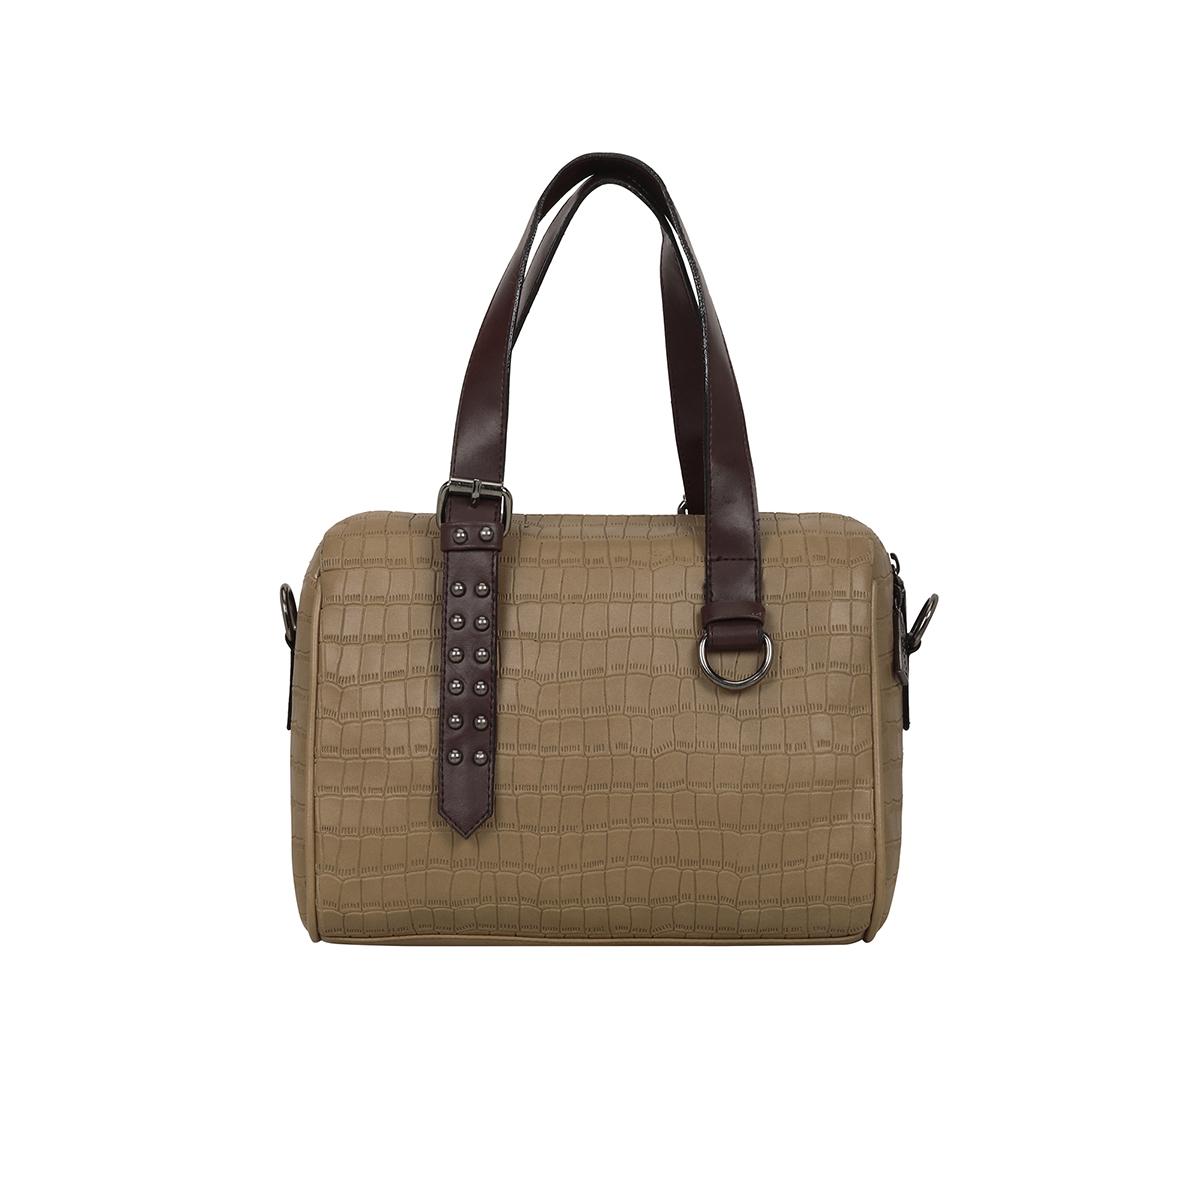 ESBEDA | ESBEDA Beige Color Solid Mini Duffle Croco Handbag For Women